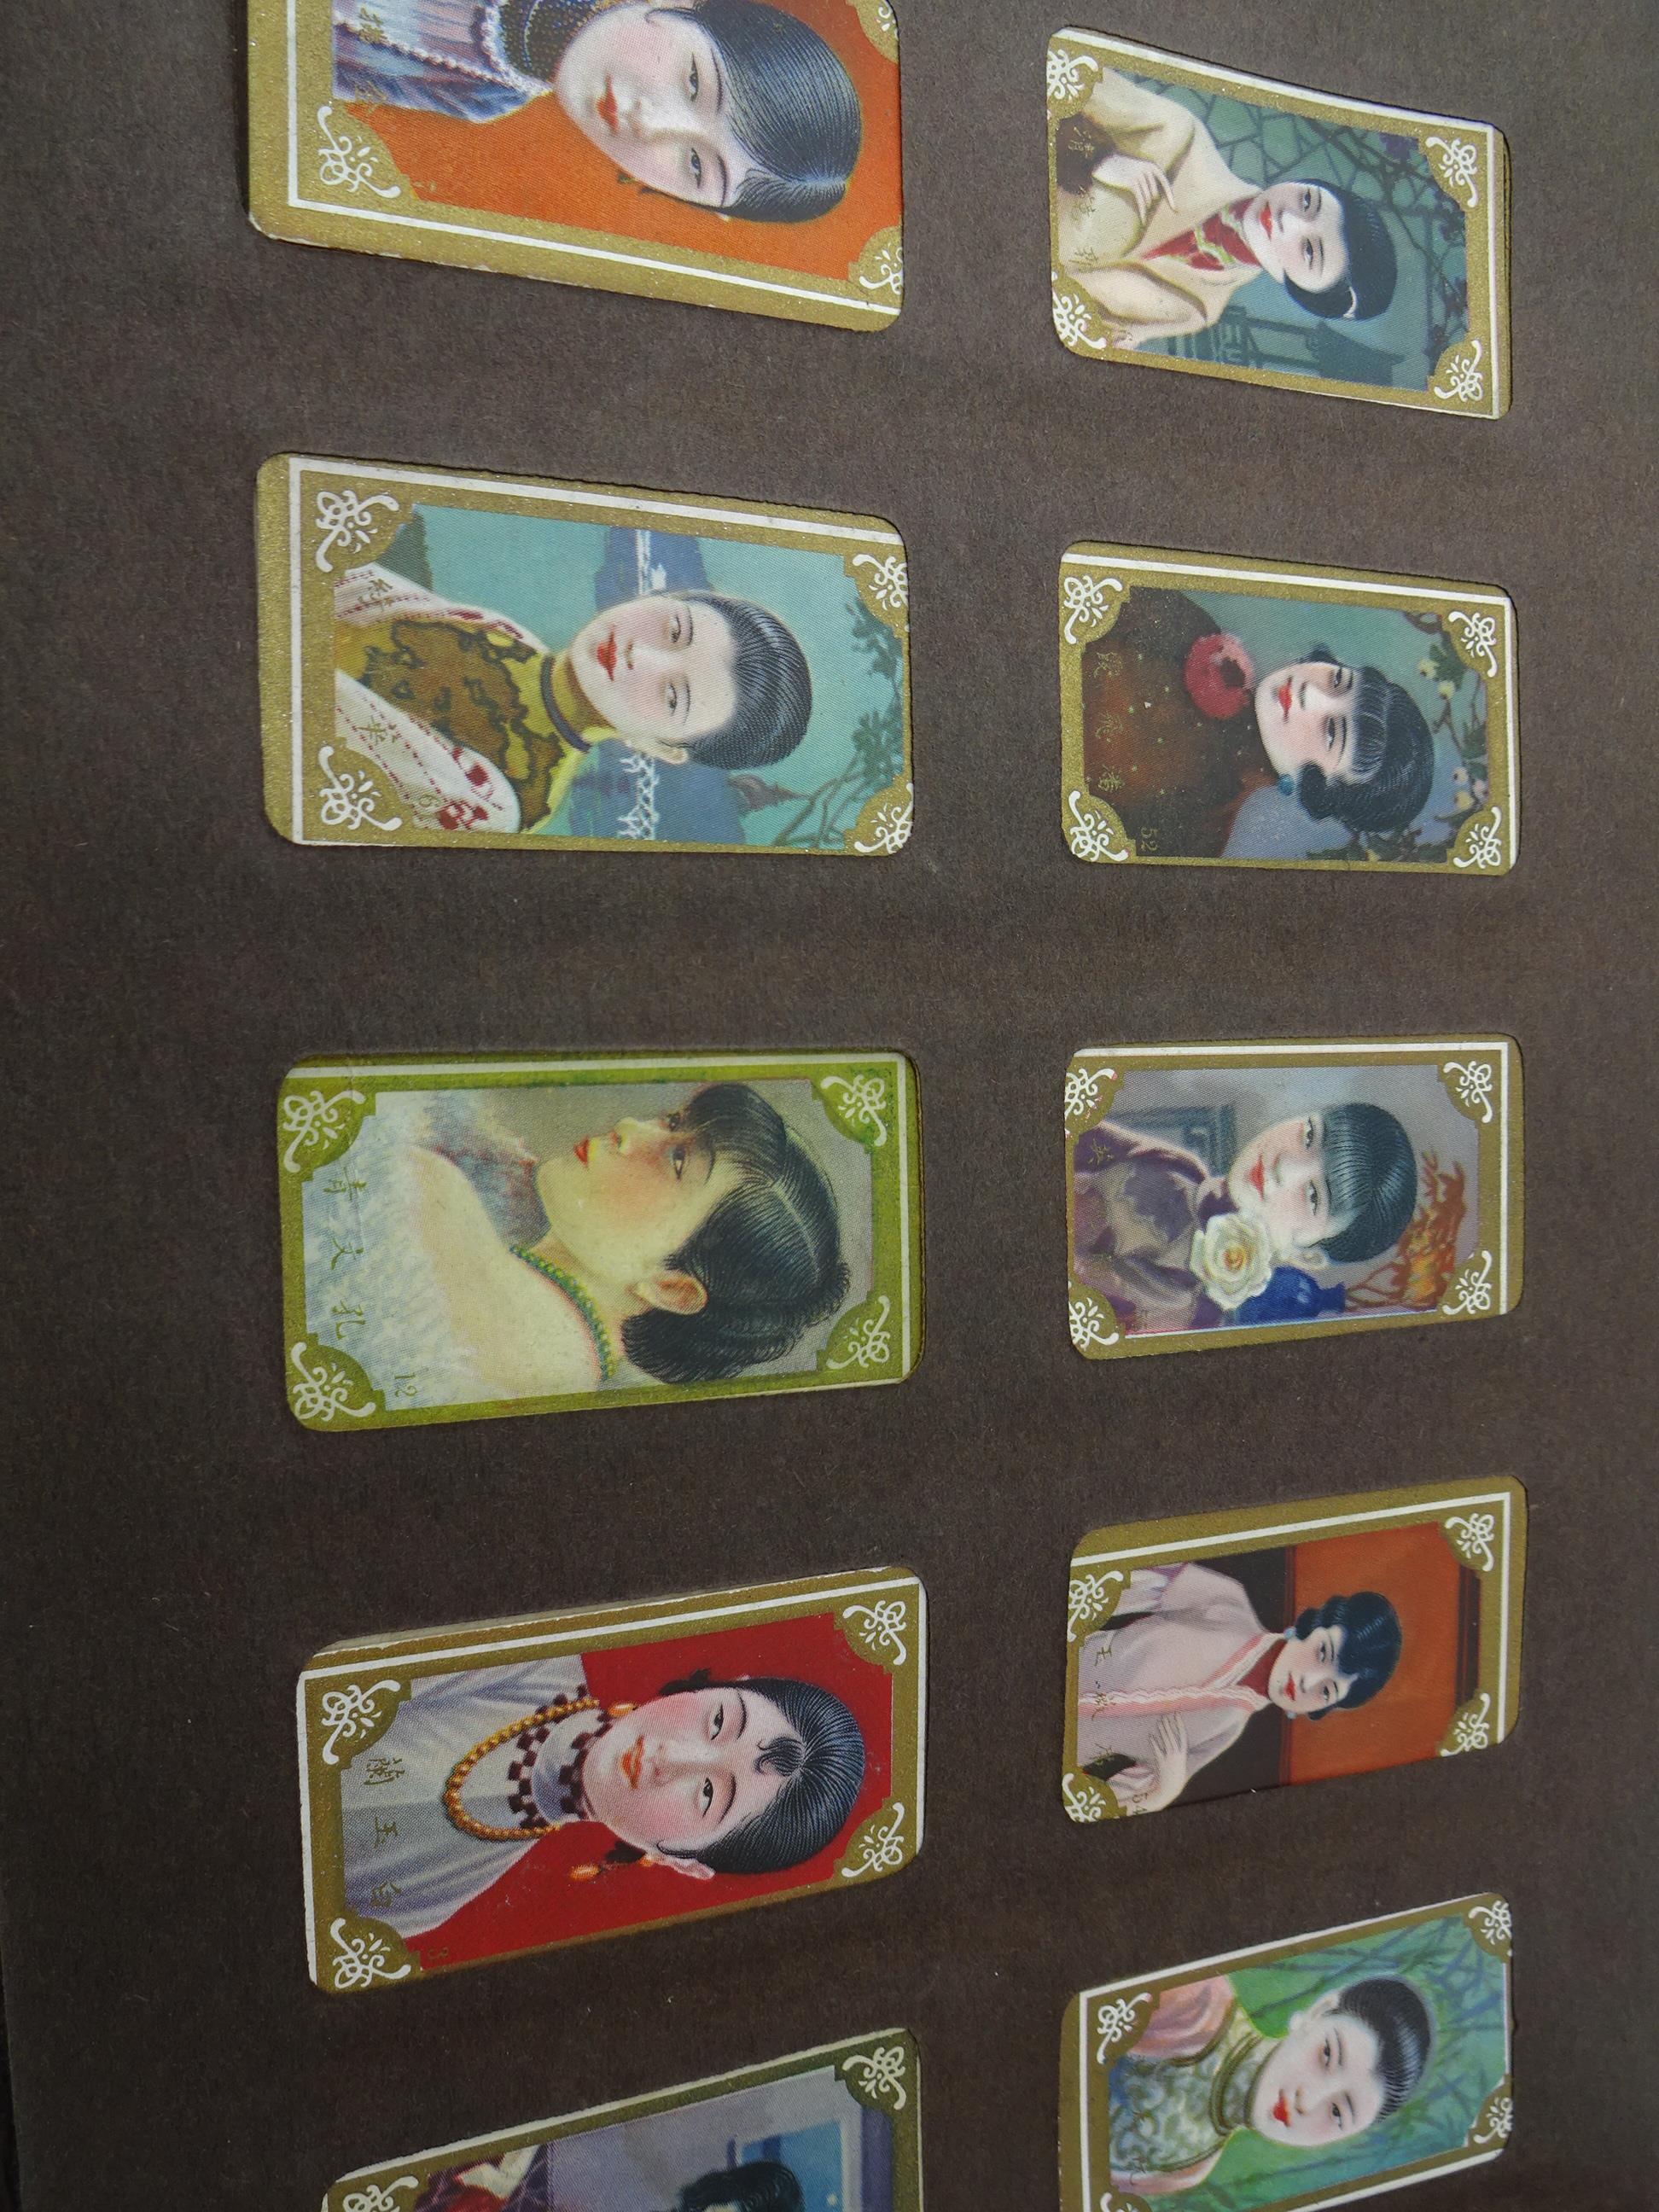 Lot 316 - FOLDER OF VINTAGE CIGARETTE / TEA CARDS INCLUDING PLAYERS, DE RESZKE , ORIENTAL,